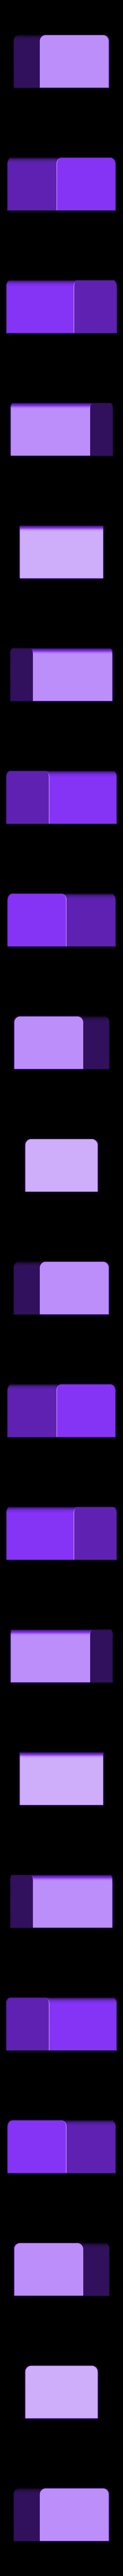 DRAWER_BODY.stl Télécharger fichier STL gratuit drawer • Design pour imprimante 3D, maakmake